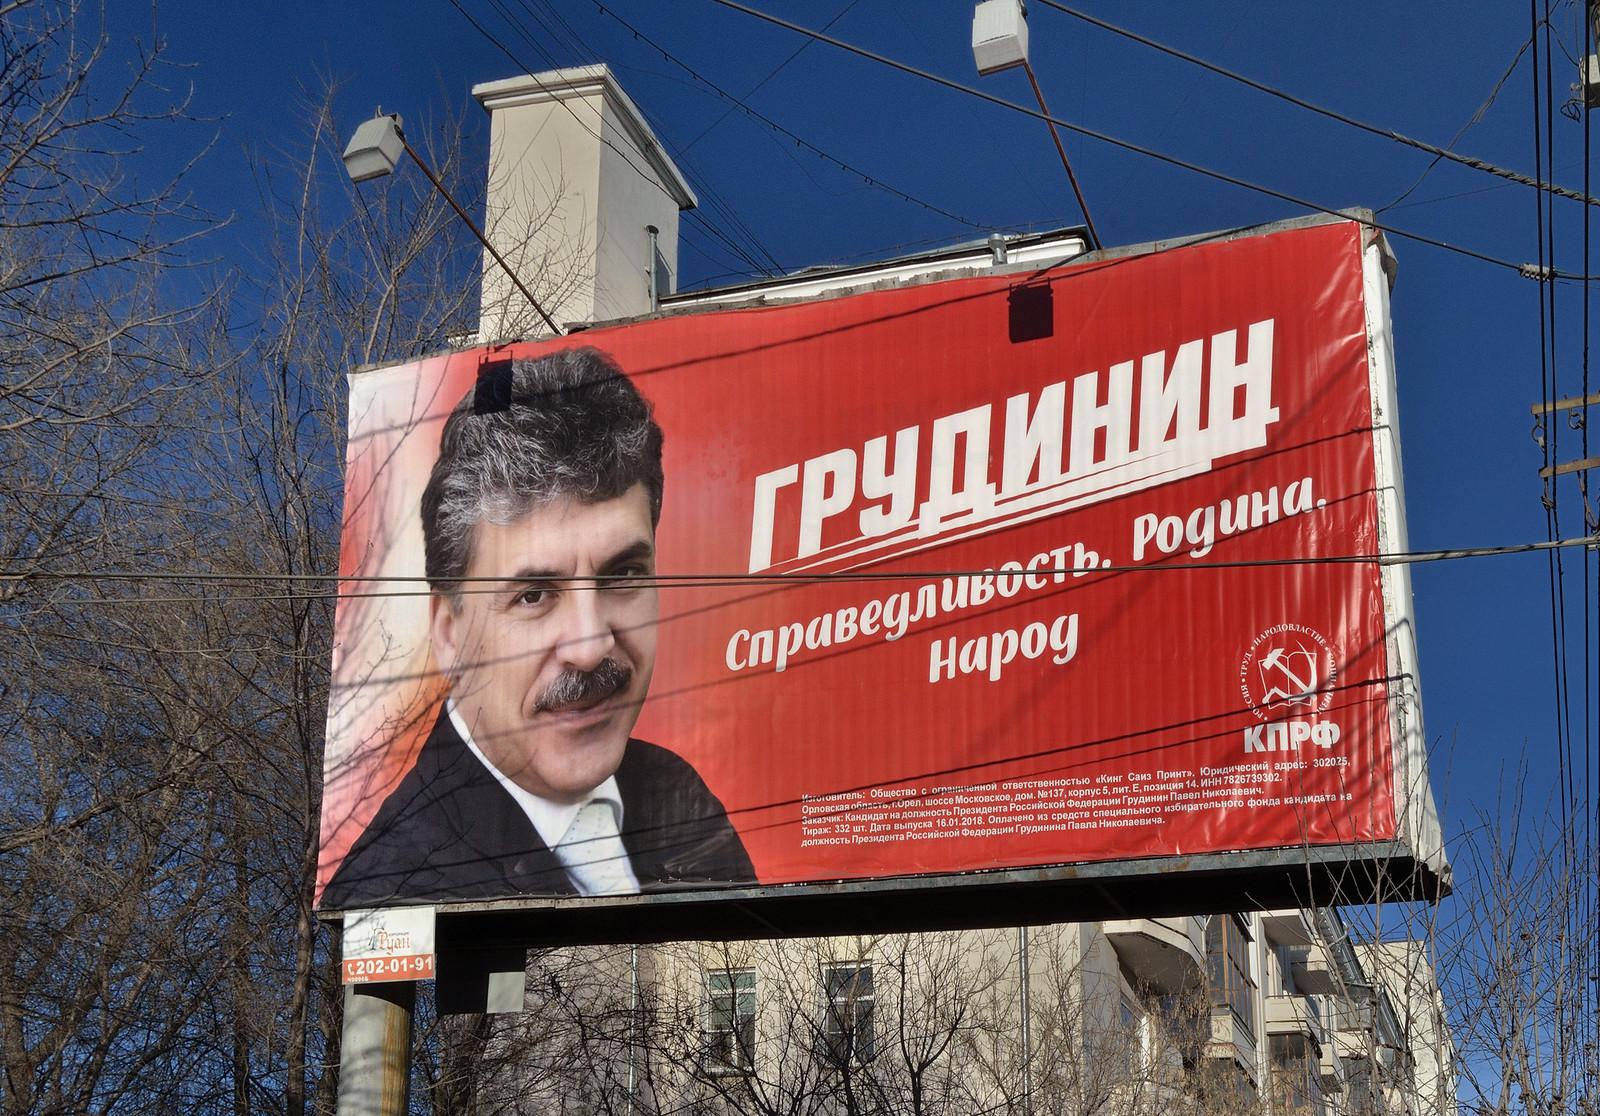 выборы 2018 Россия - фотограф Челябинск